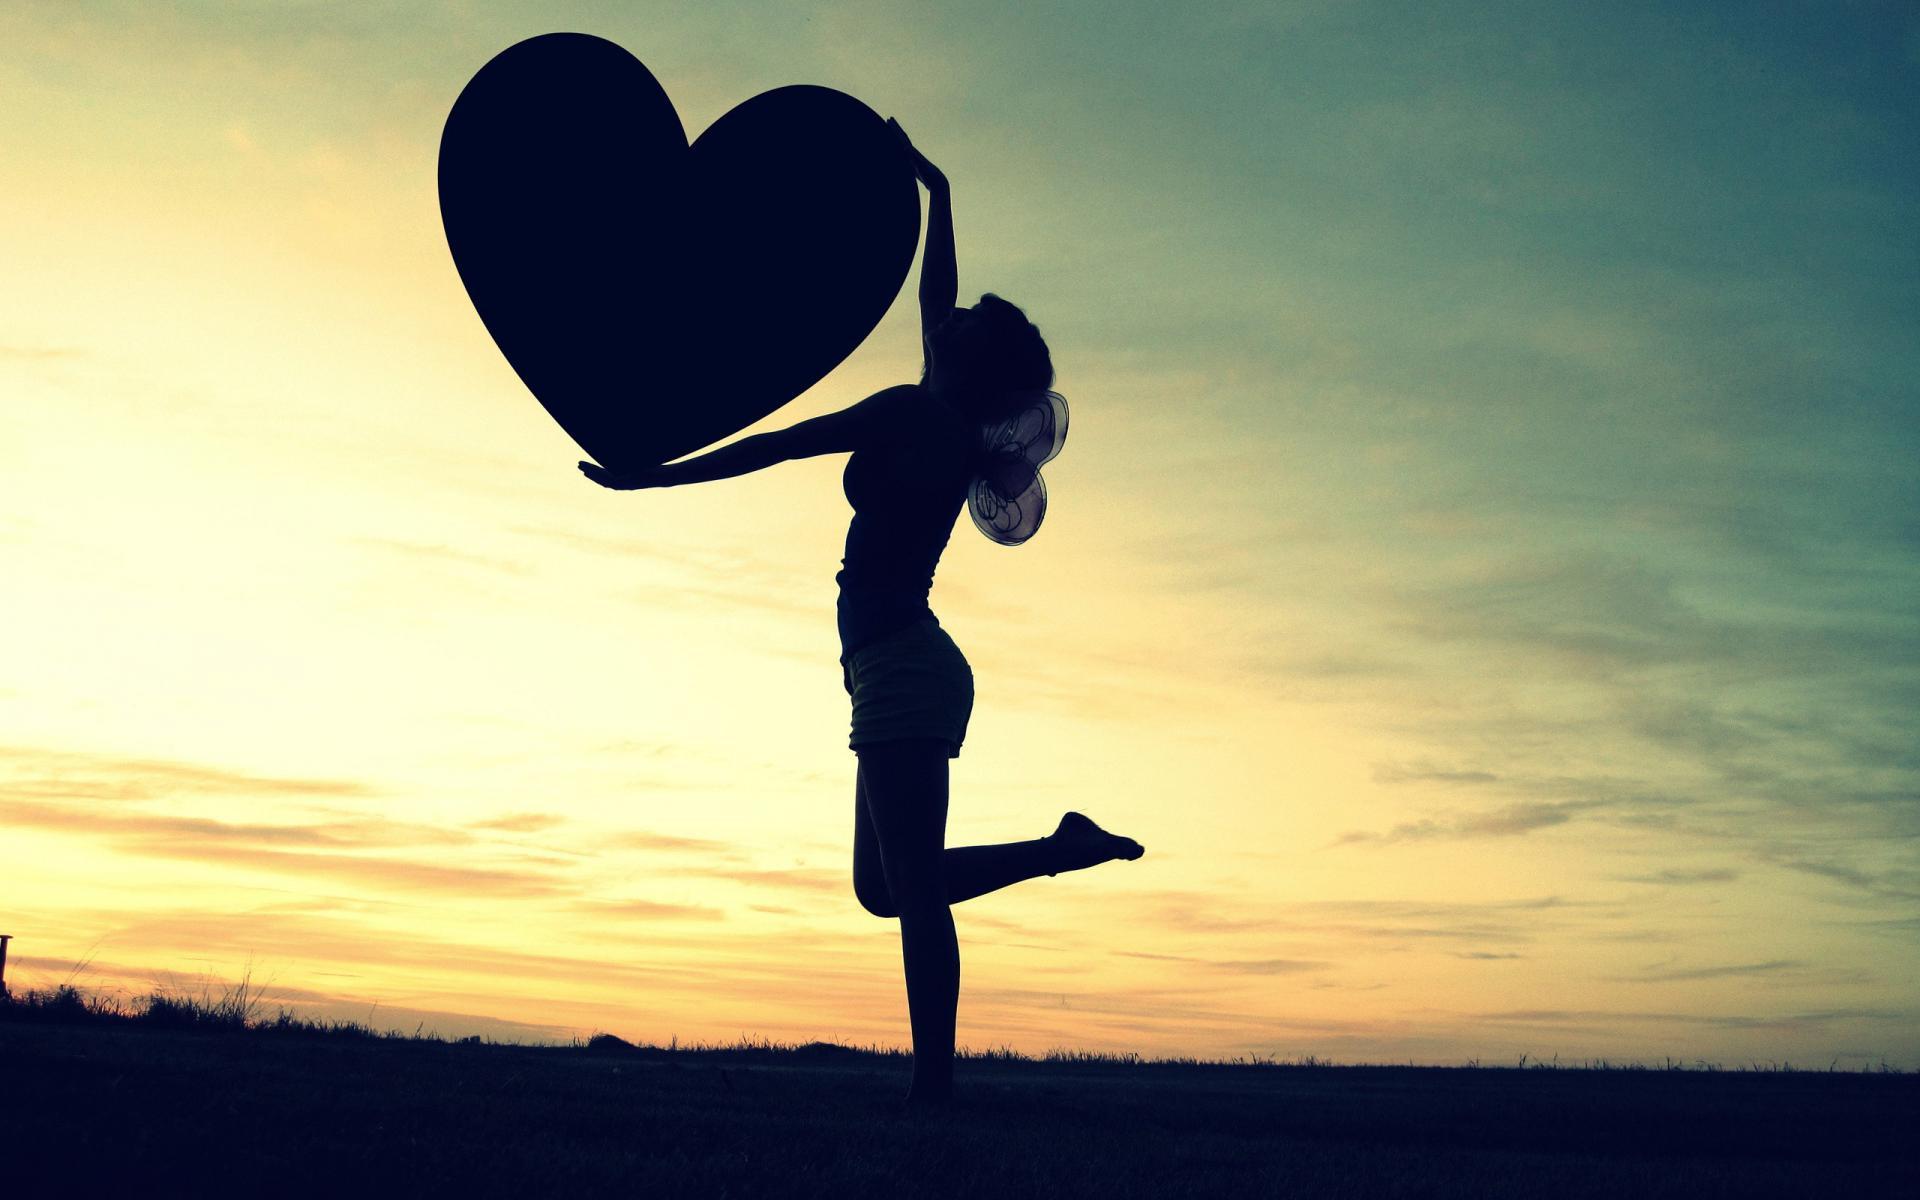 Πέντε συνήθειες που οδηγούν στην ευτυχία